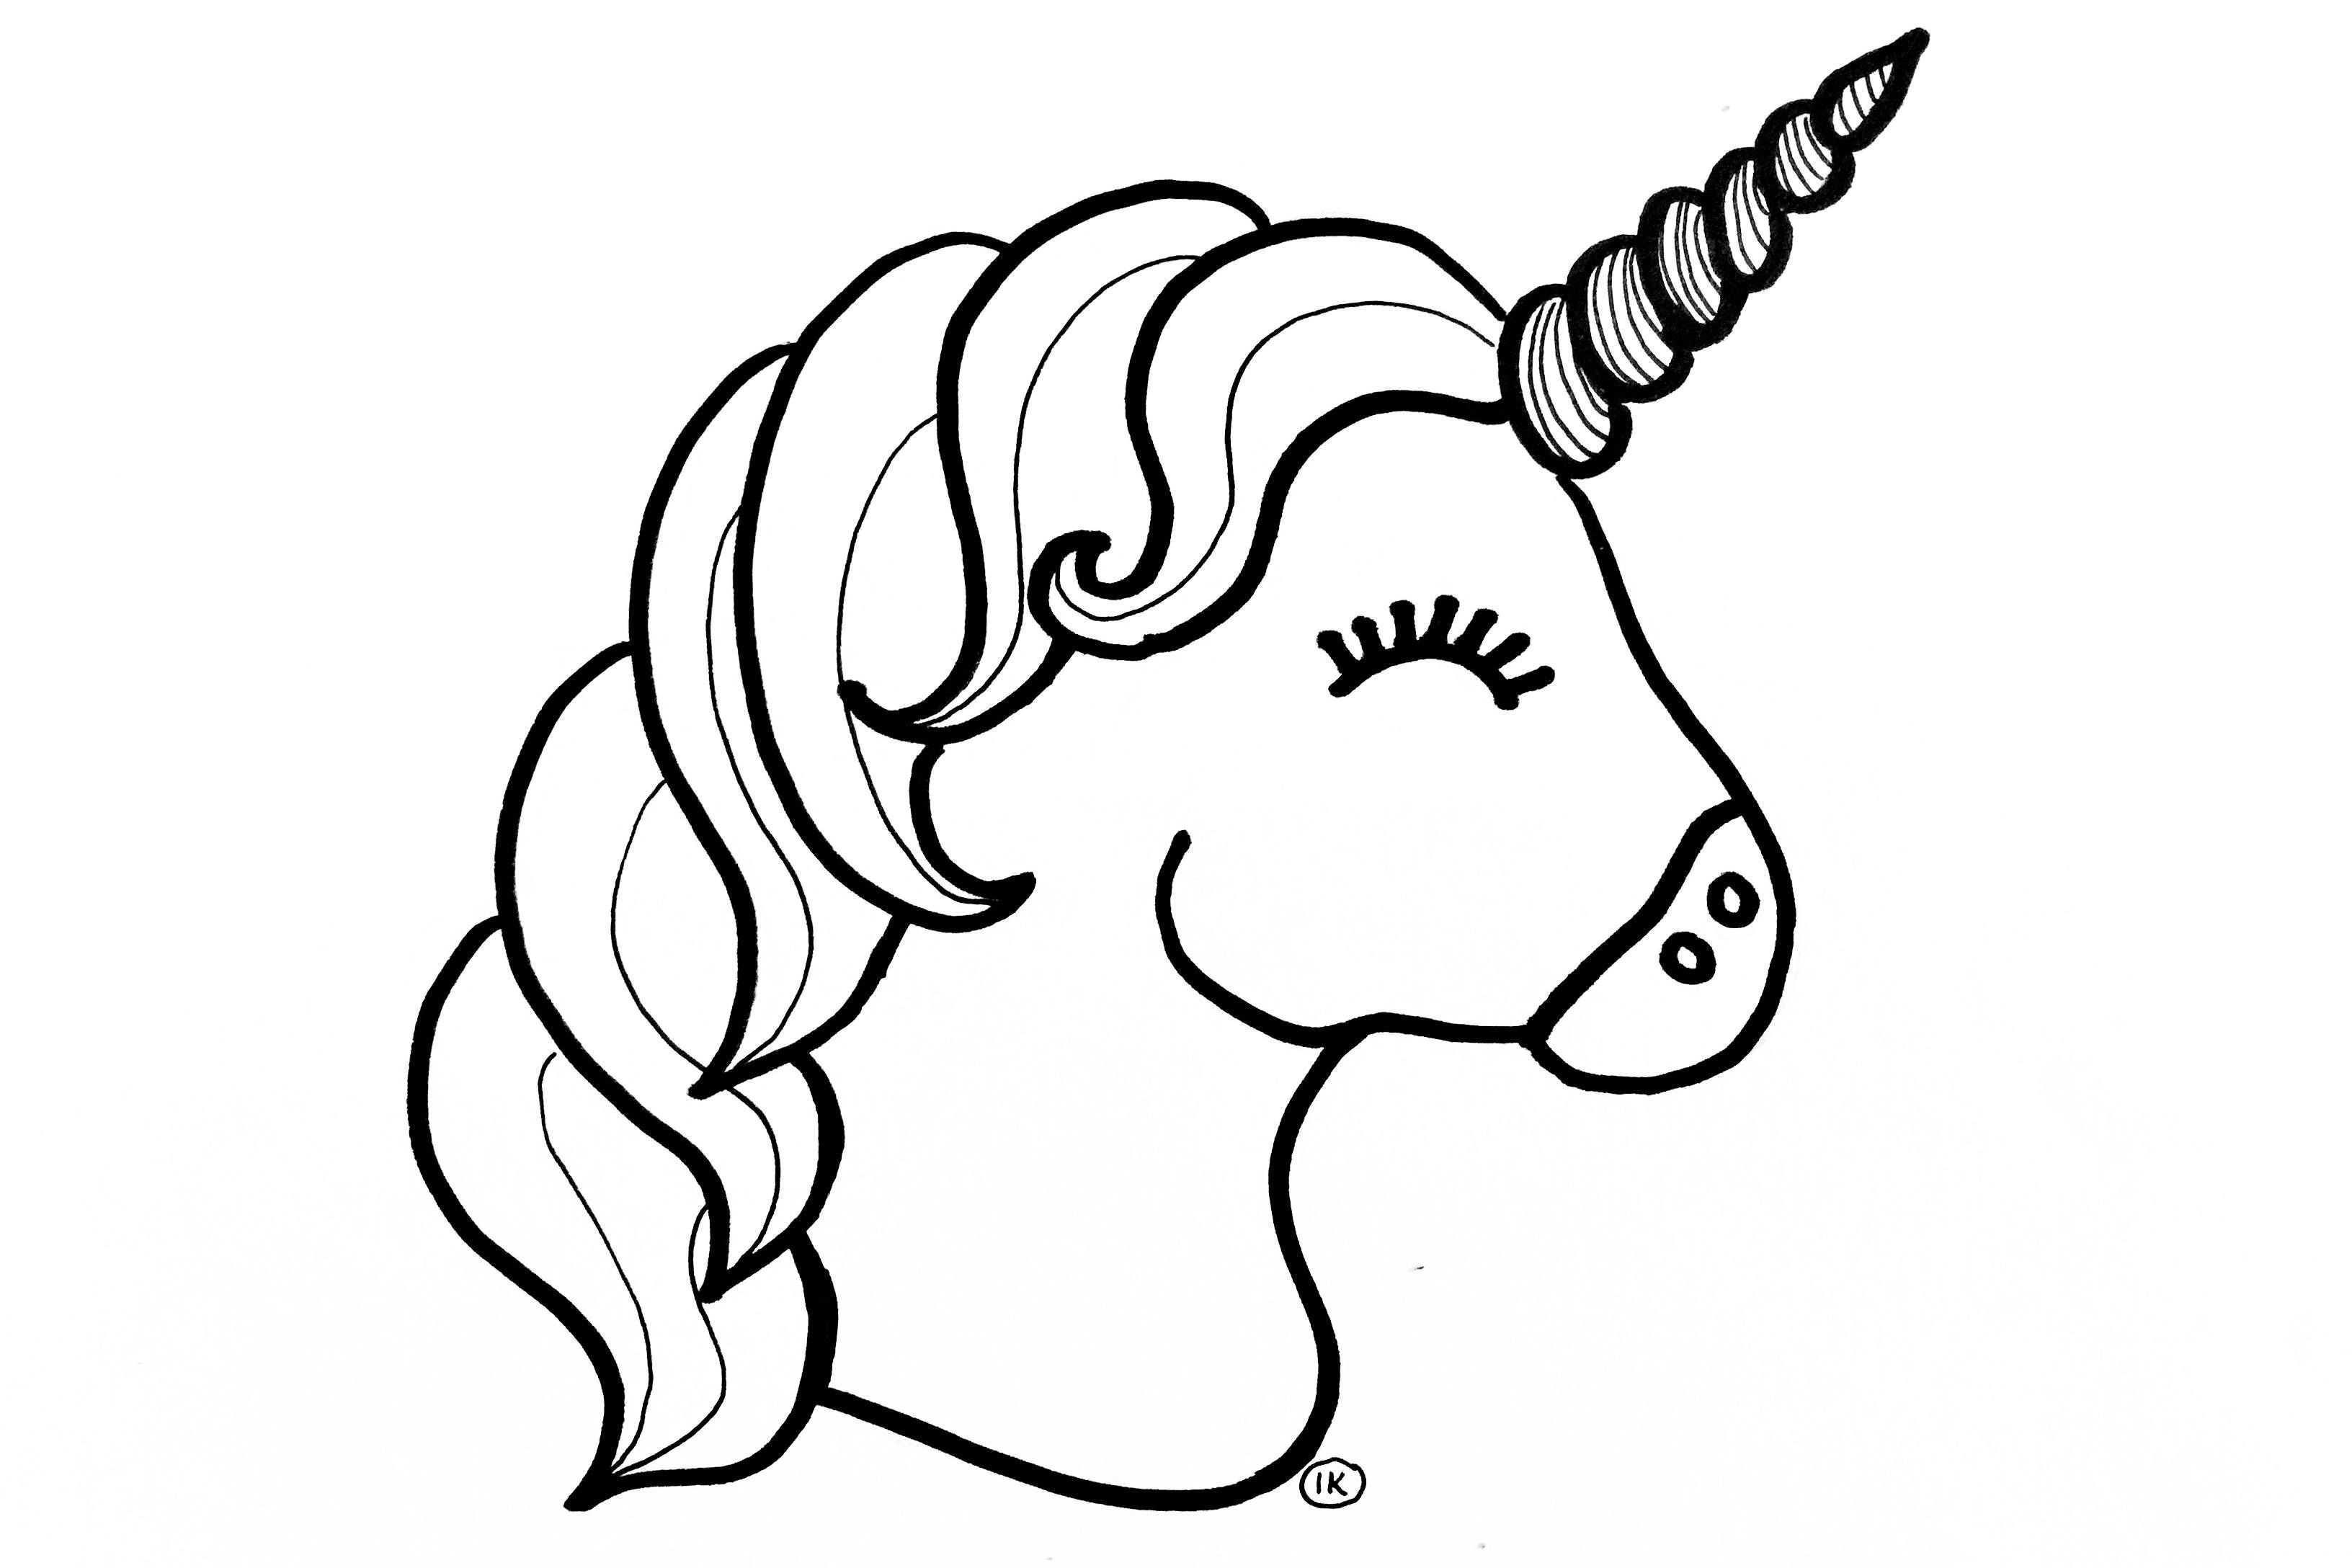 Eenhoorn Unicorns Kleurplaten Kleurplaat Kleurplaten Tekeningen Kids Unicorns Eenhoorns Kleurp Eenhoorn Tekenen Schattige Tekeningen Gratis Kleurplaten